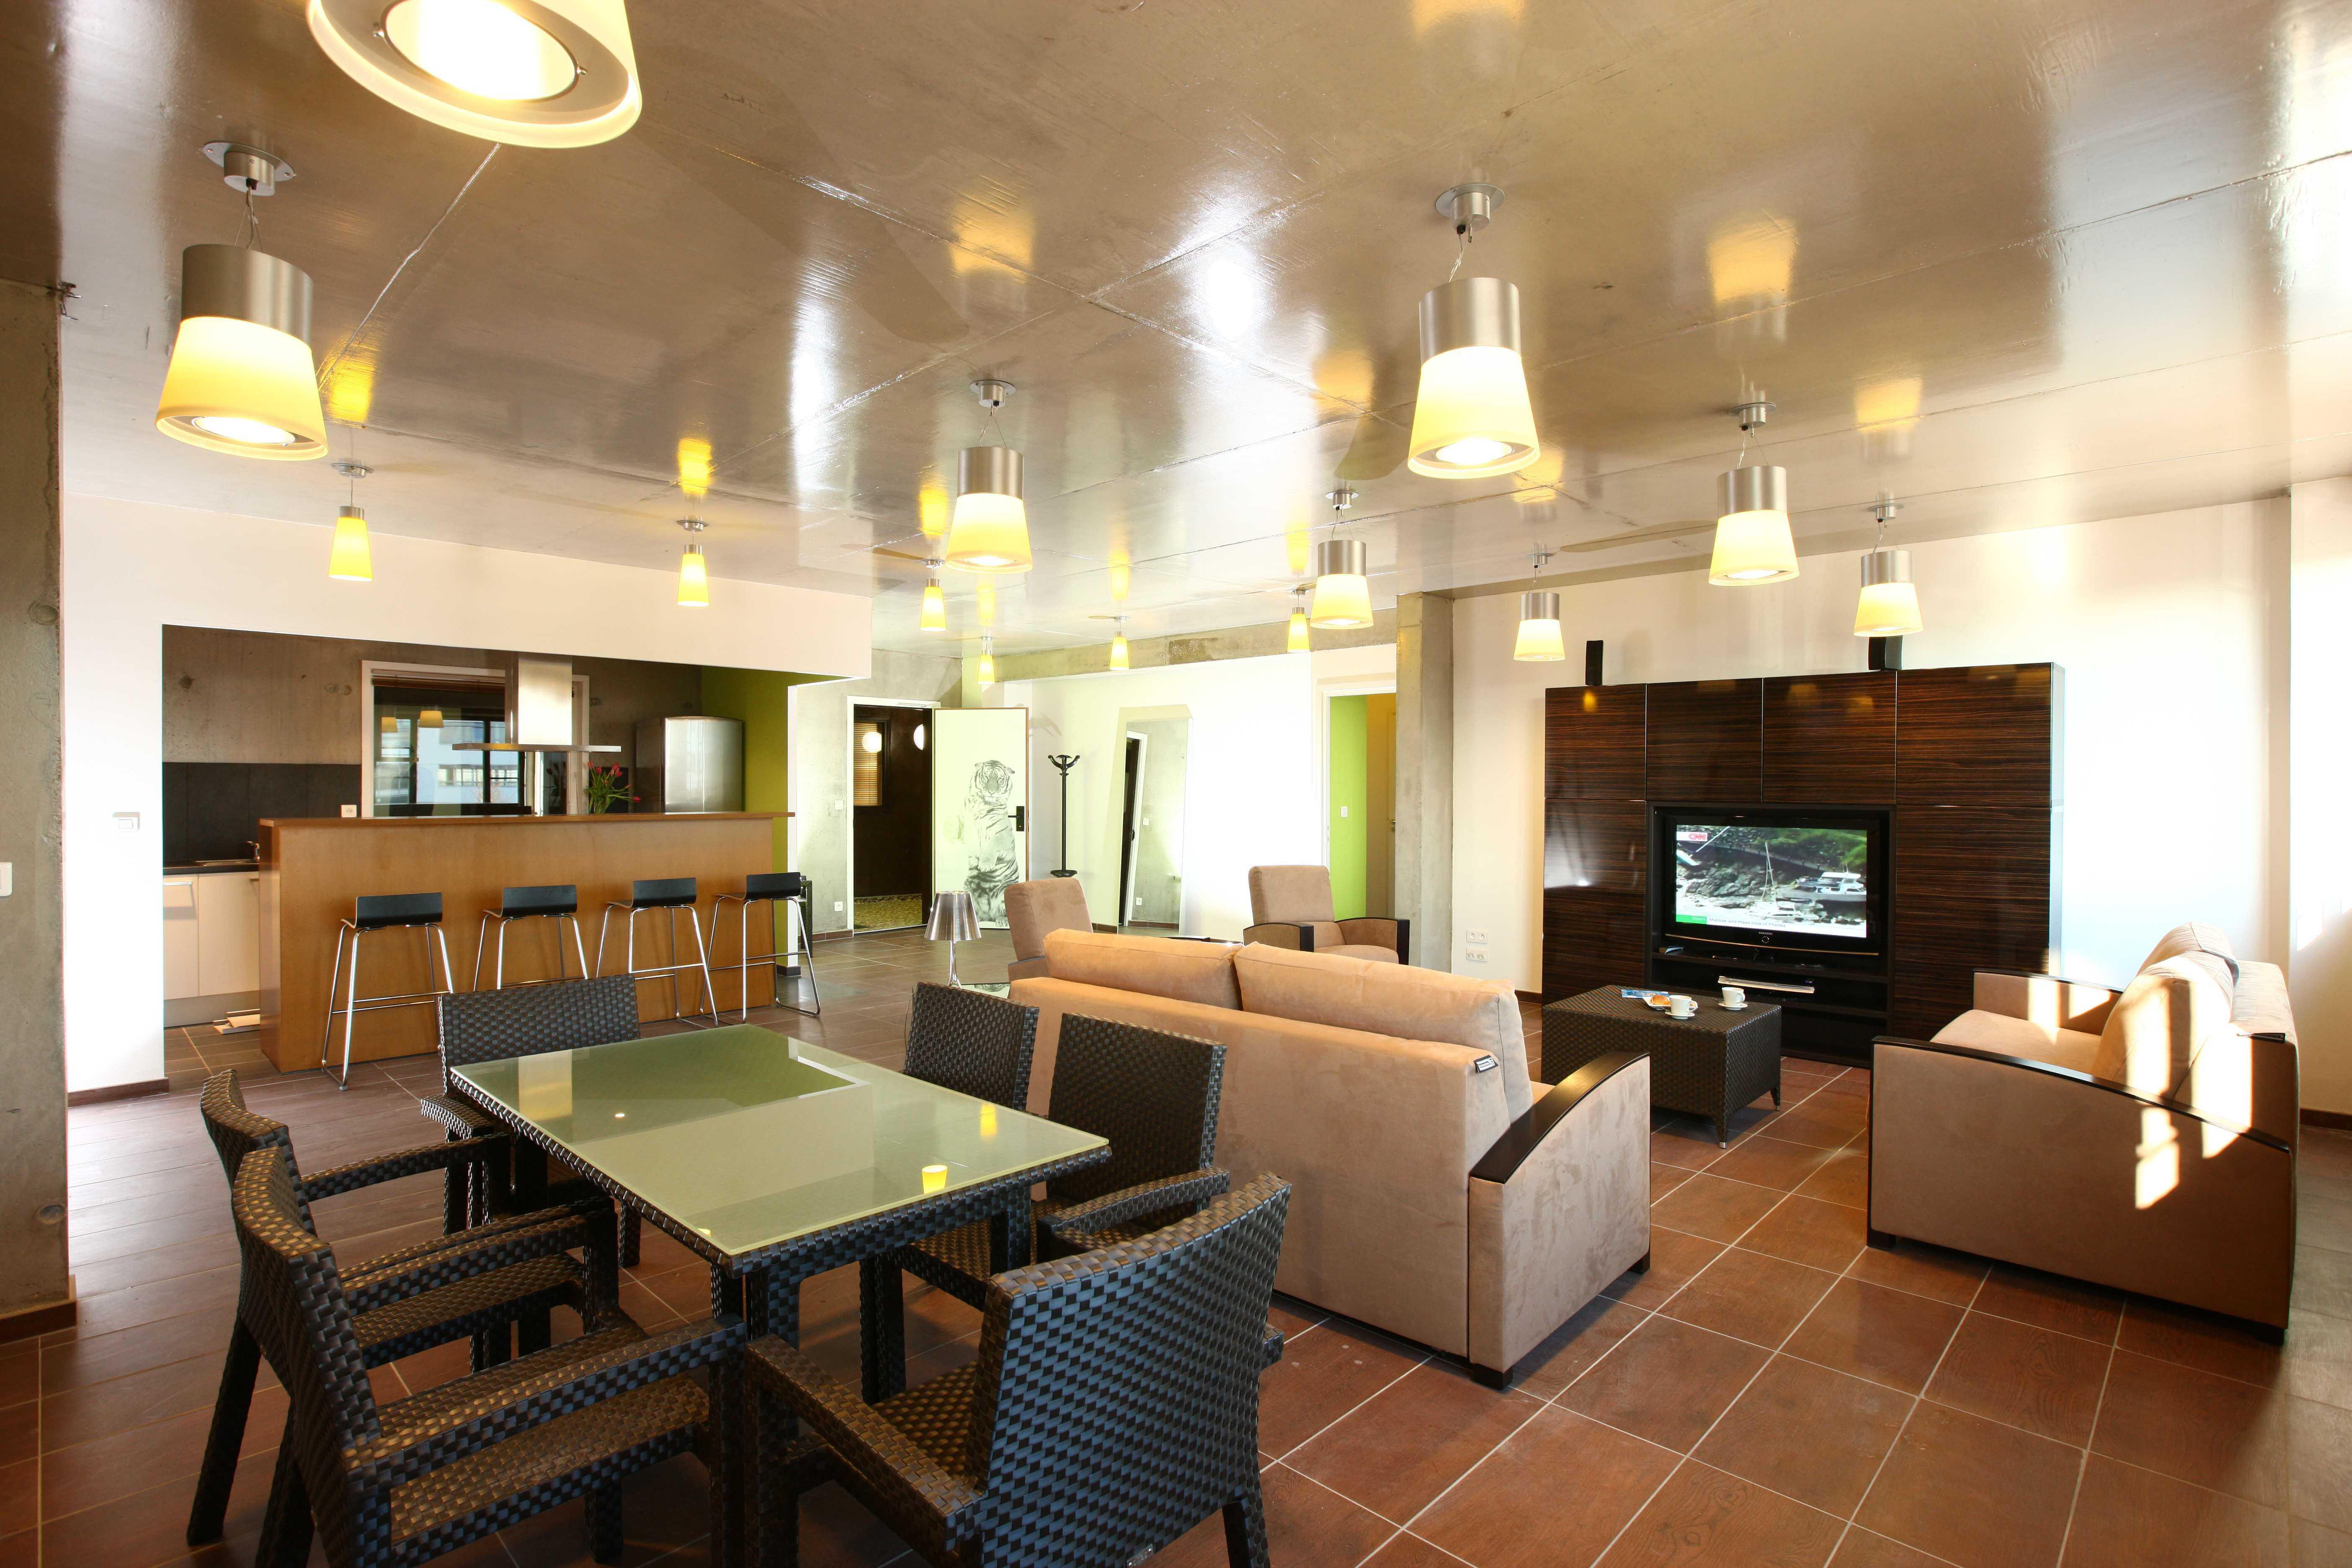 hôtel Lille location appartement Olivarius Apart'hotels Lille Villeneuve d'Ascq